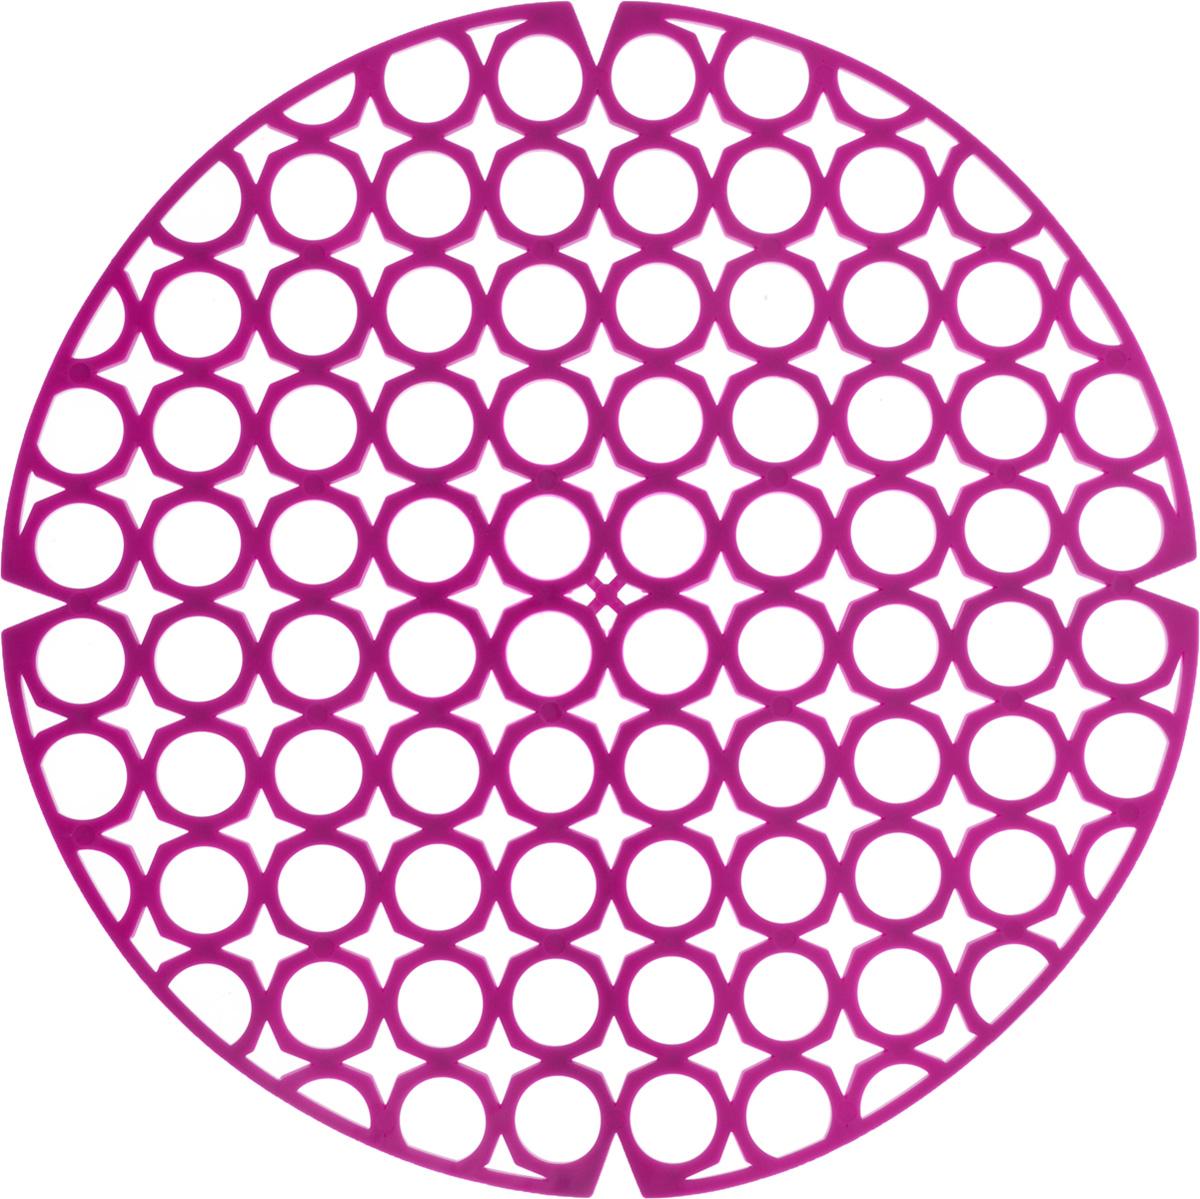 Коврик для раковины York, цвет: фиолетовый, диаметр 27,5 см54 009312Стильный и удобный коврик для раковины York изготовлен из сложных полимеров. Он одновременно выполняет несколько функций: украшает, защищает мойку от царапин и сколов, смягчает удары при падении посуды в мойку. Коврик также можно использовать для сушки посуды, фруктов и овощей. Он легко очищается отгрязи и жира.Диаметр: 27,5 см.